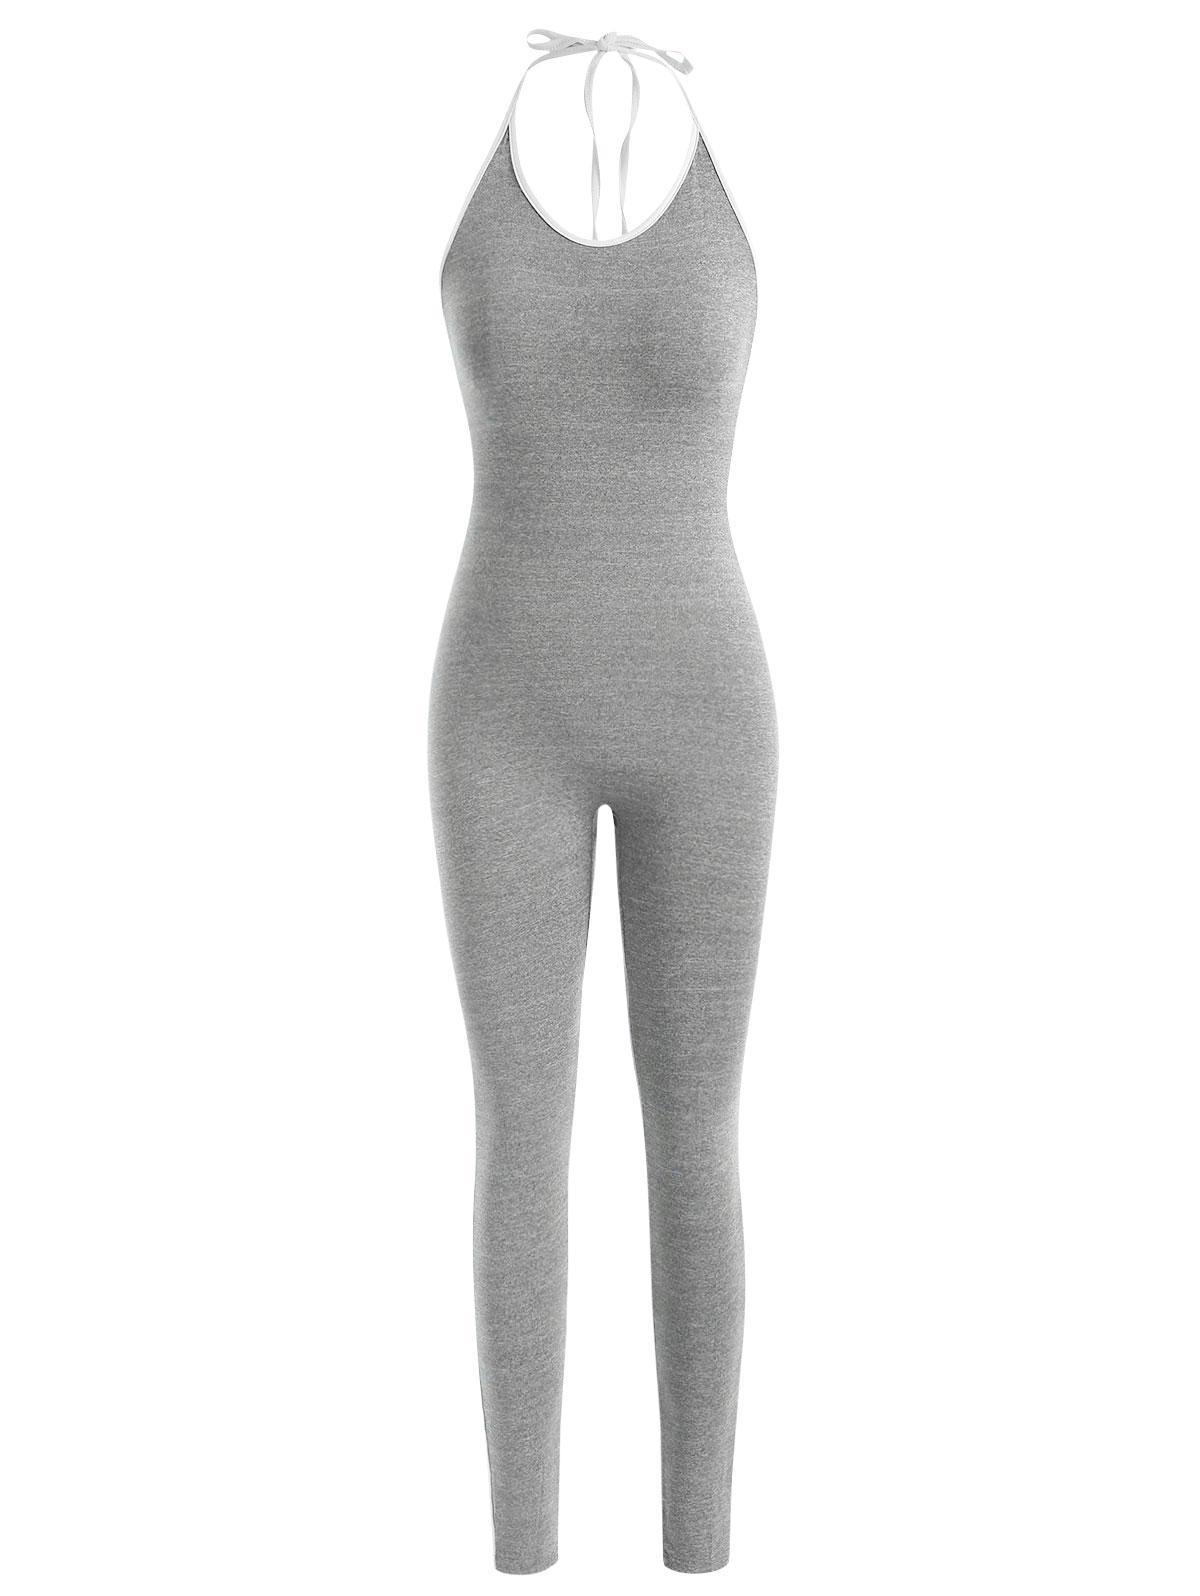 Contrast Binding Halter Backless Unitard Jumpsuit